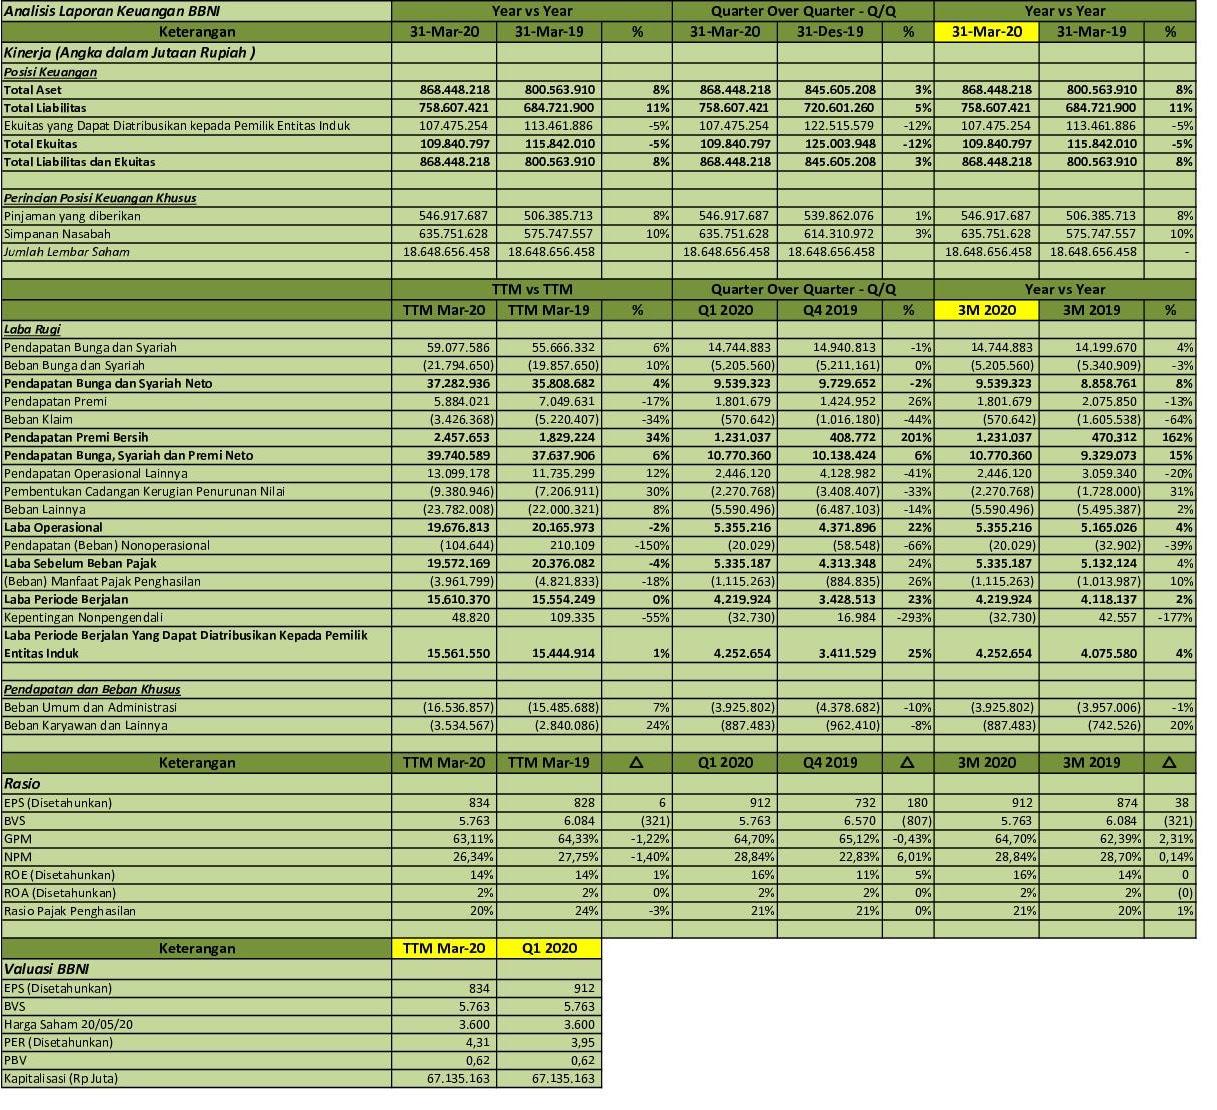 Idx Investor Bbni Q1 2020 Pt Bank Negara Indonesia Persero Tbk Analisis Laporan Keuangan